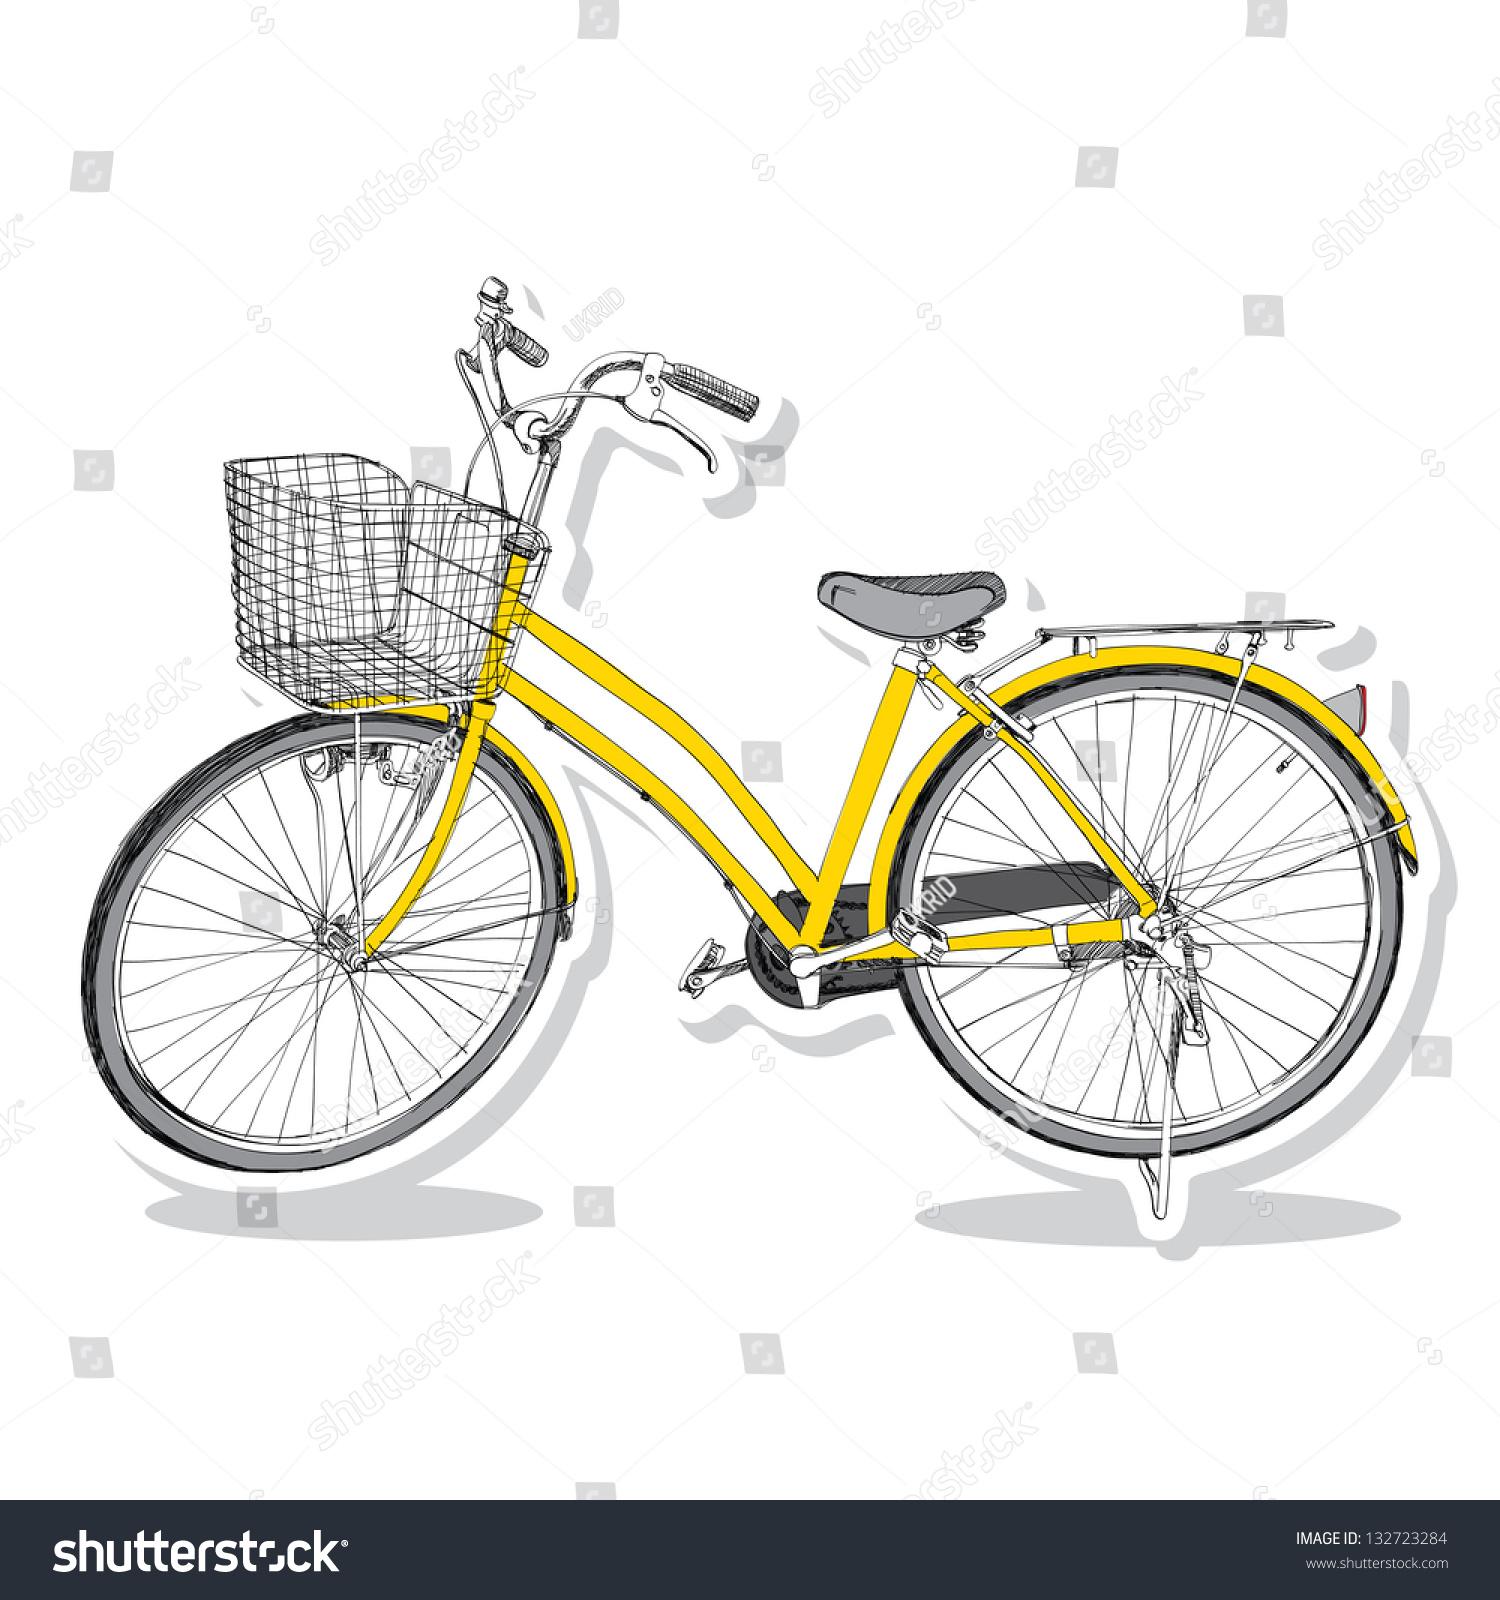 旧自行车-手绘插图手绘-交通运输,艺术-海洛创意()-合